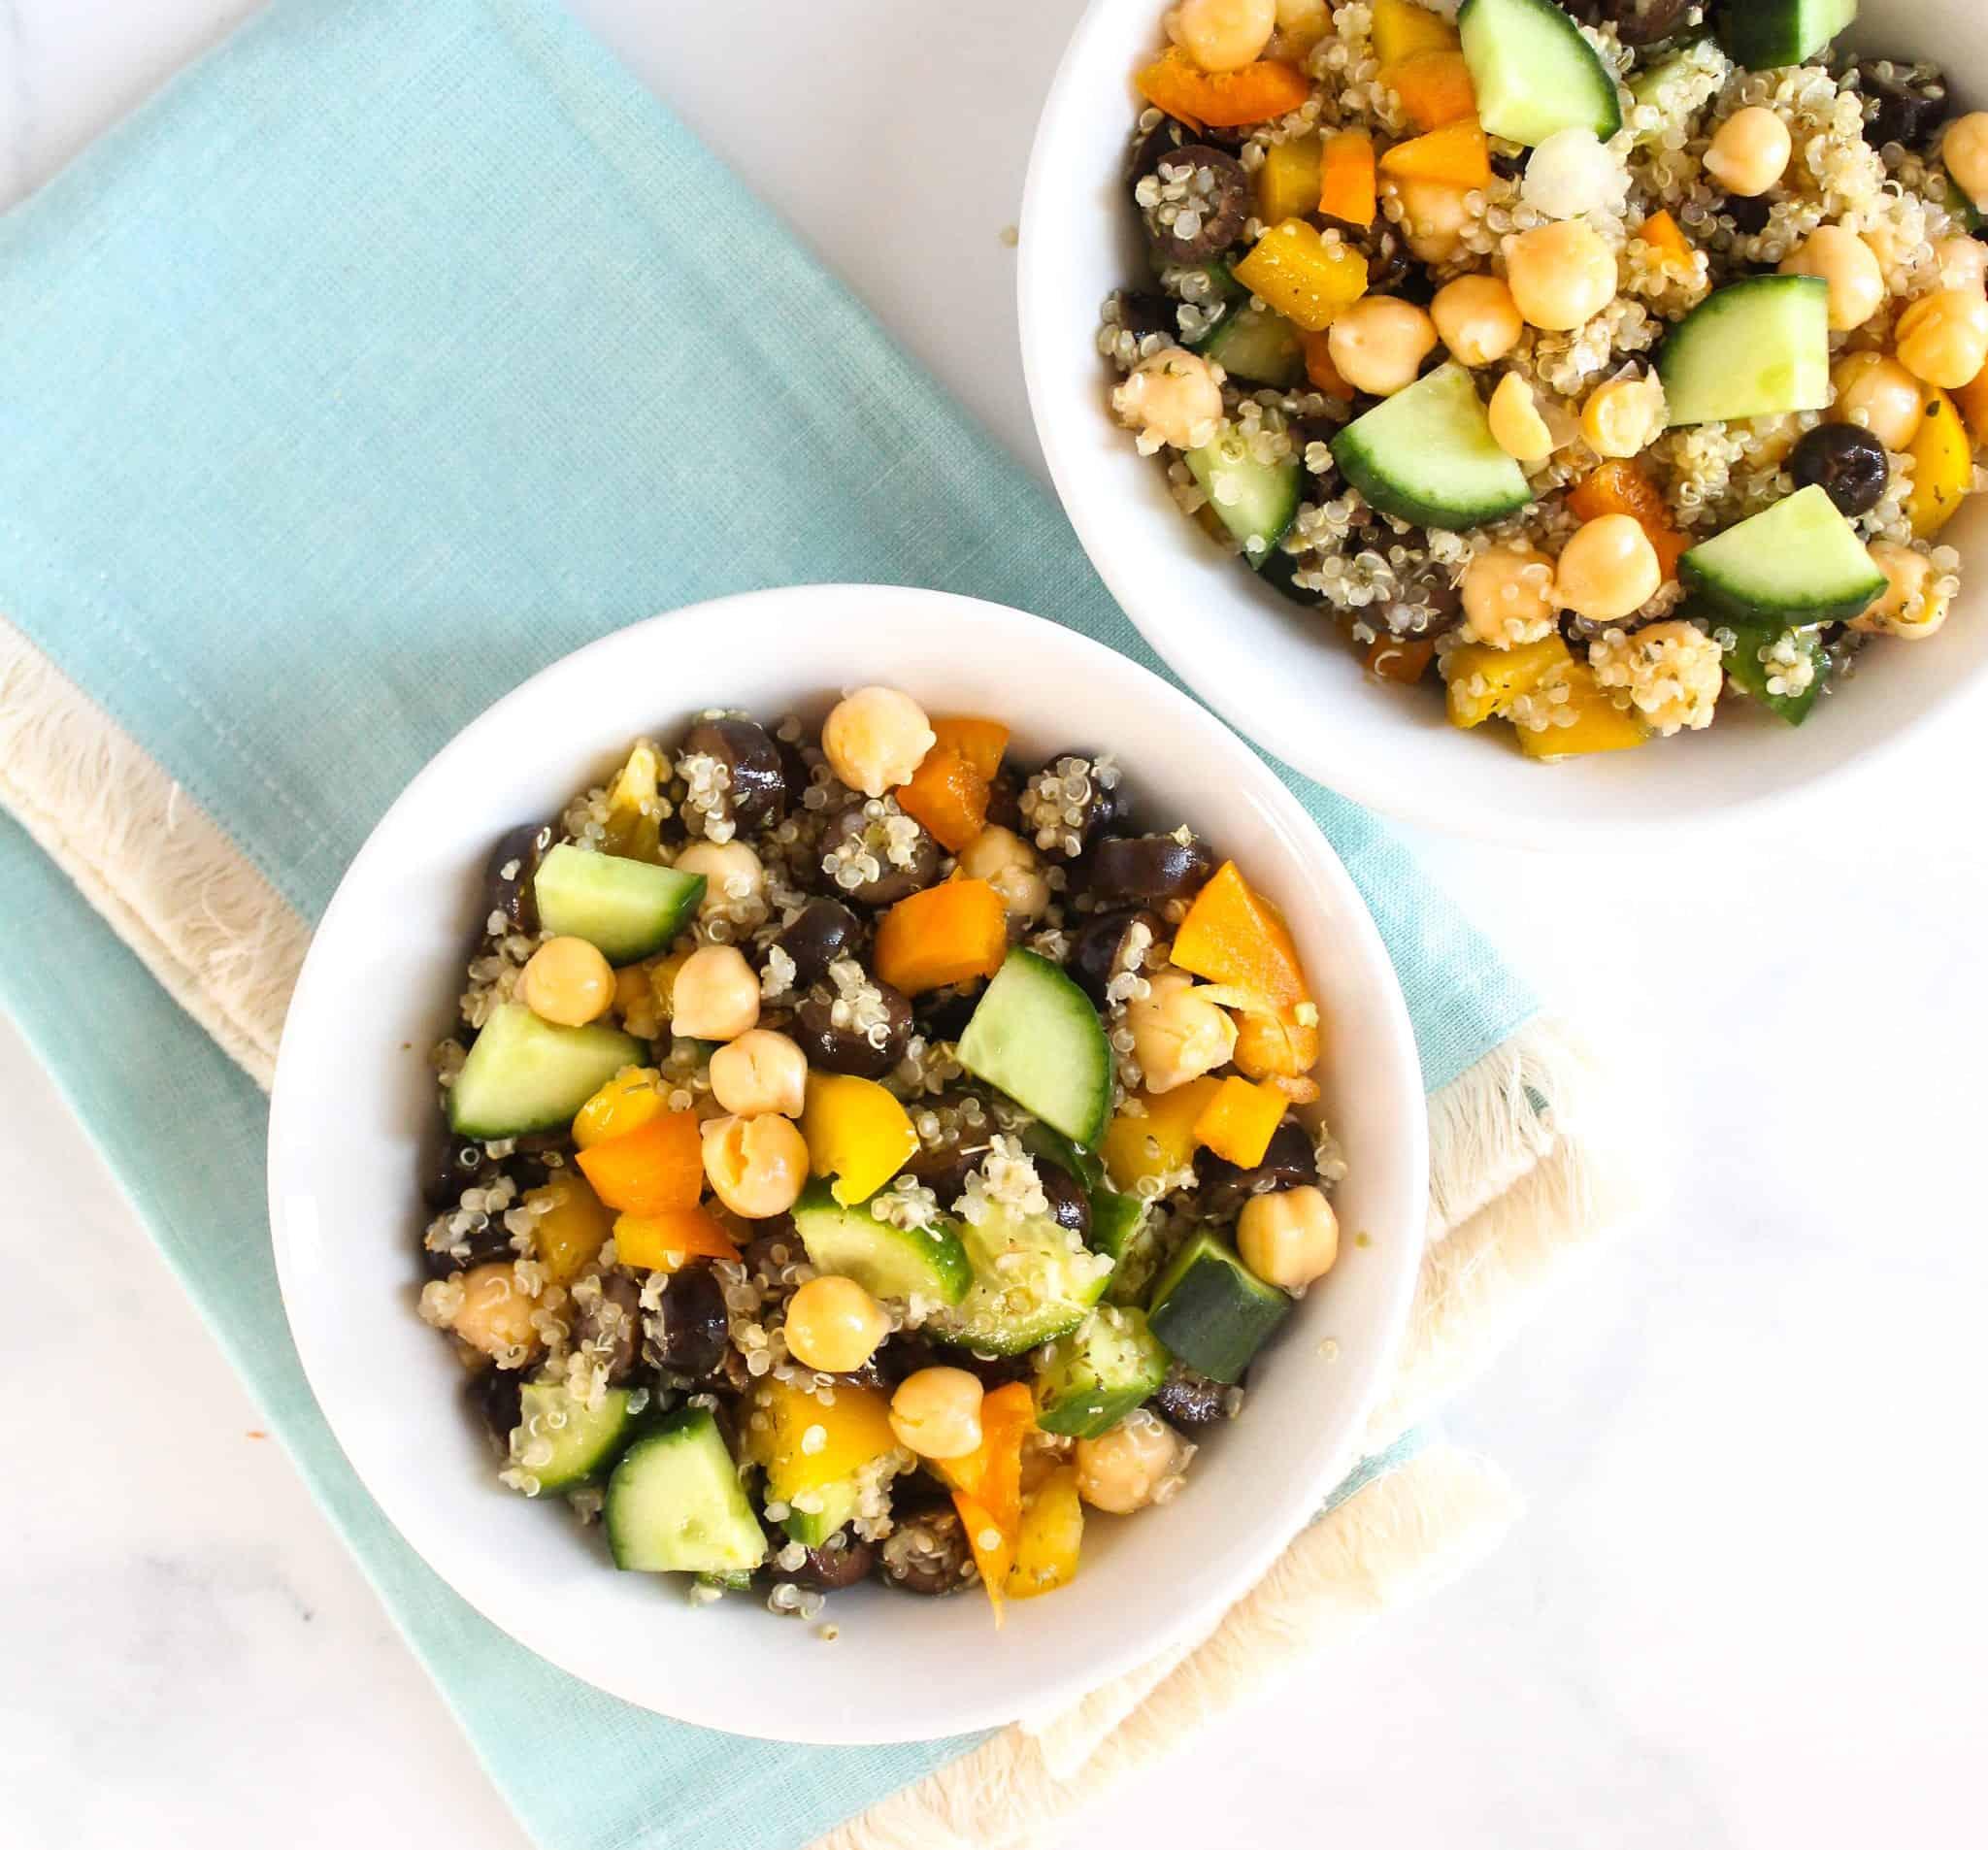 Mediterranean Quinoa Salad - Easy Lunch #lowFODMAP #glutenfree #dairyfree #vegan #vegetarian